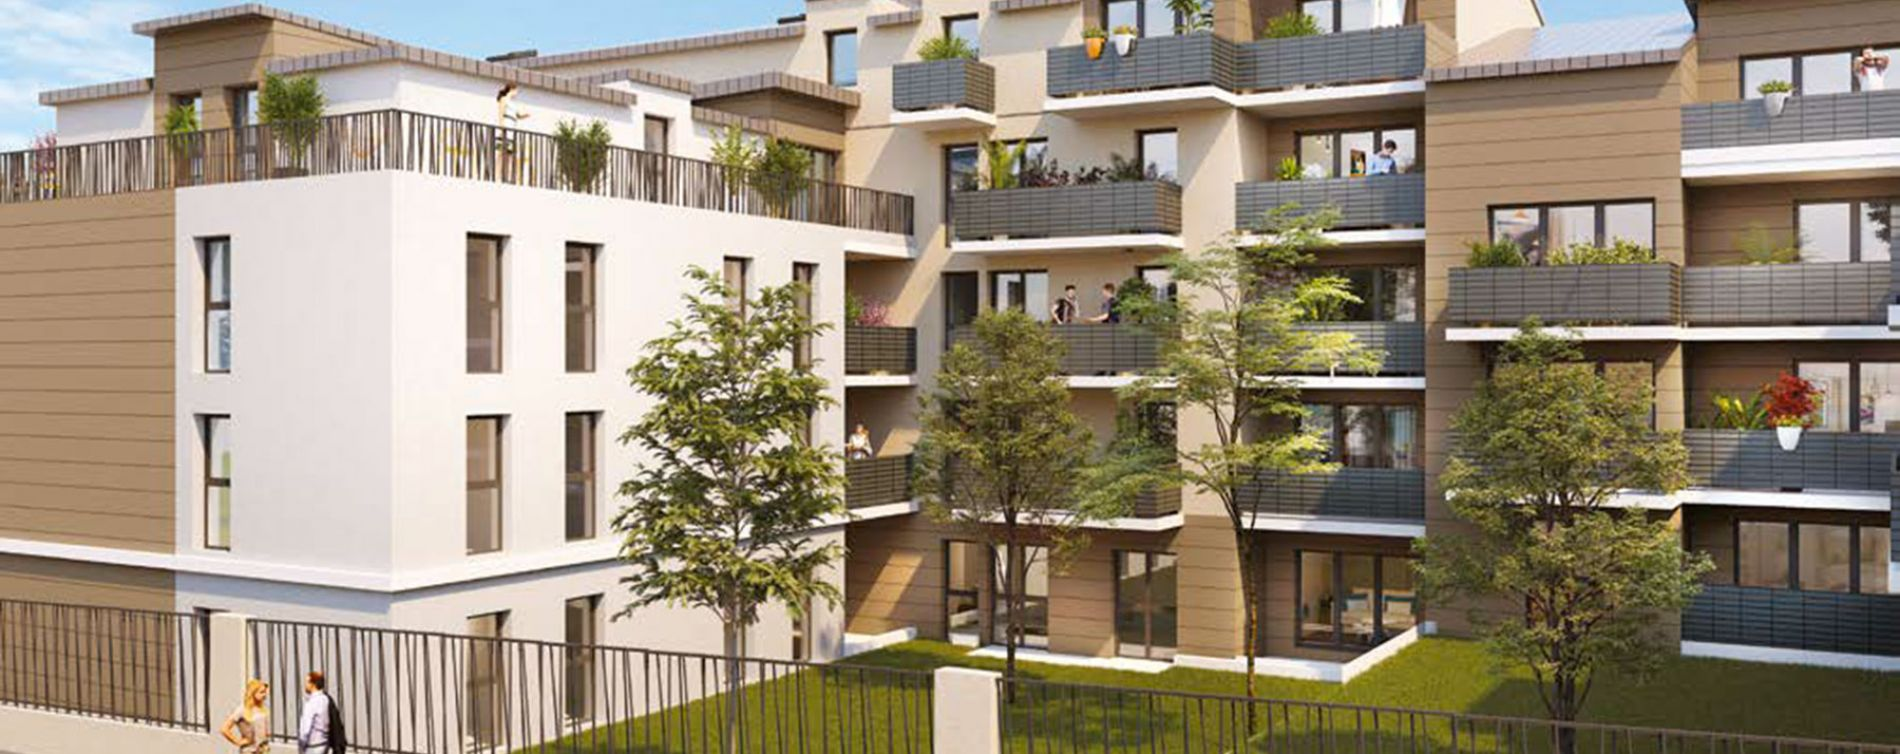 Résidence Confidence à Clichy-sous-Bois